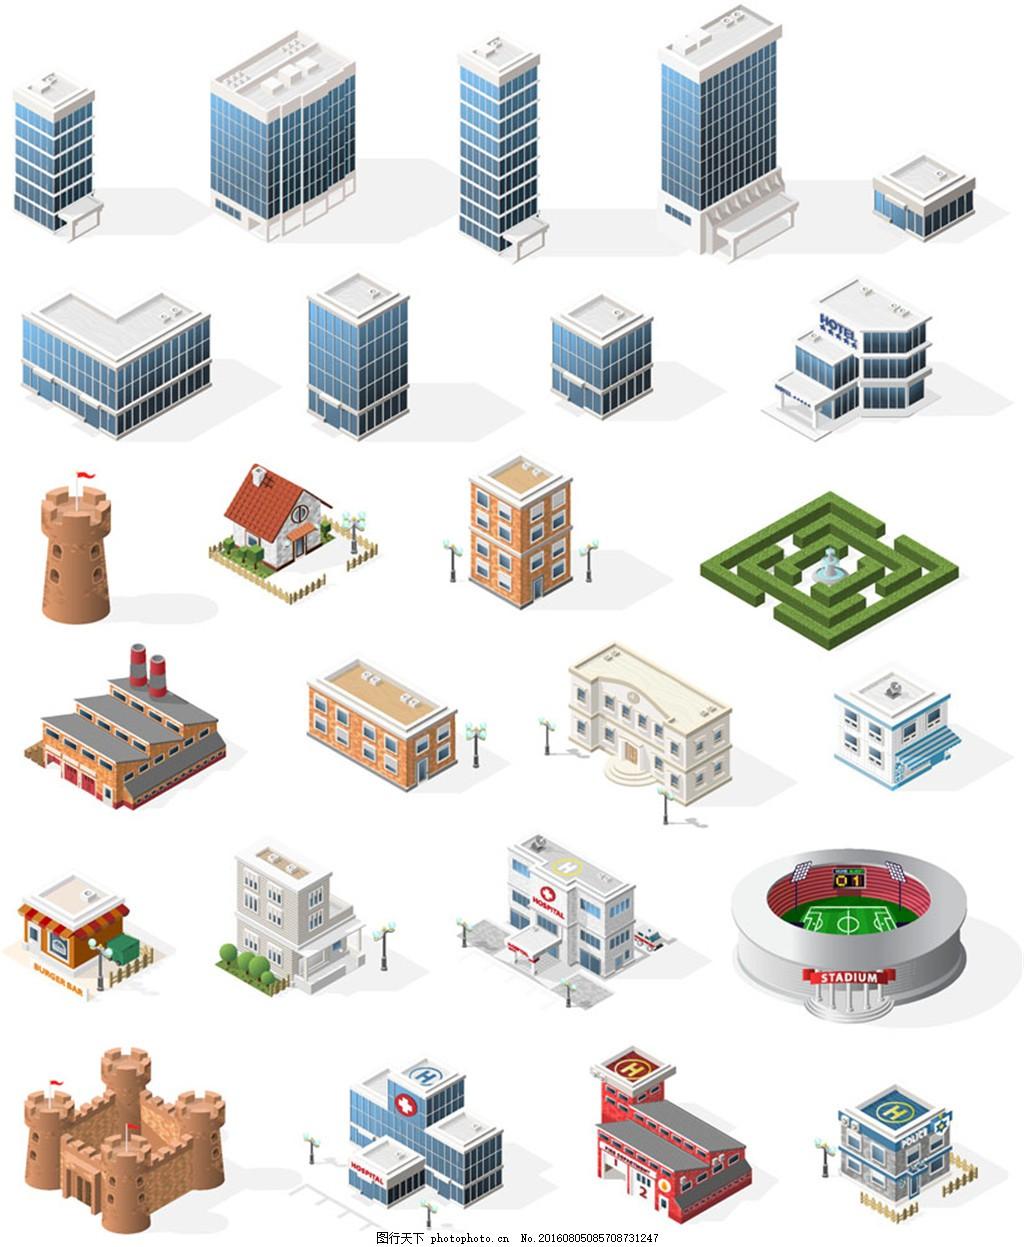 彩色建筑物 彩色城市剪影 旅游海报 城市建筑物 高楼大厦 建筑物剪影